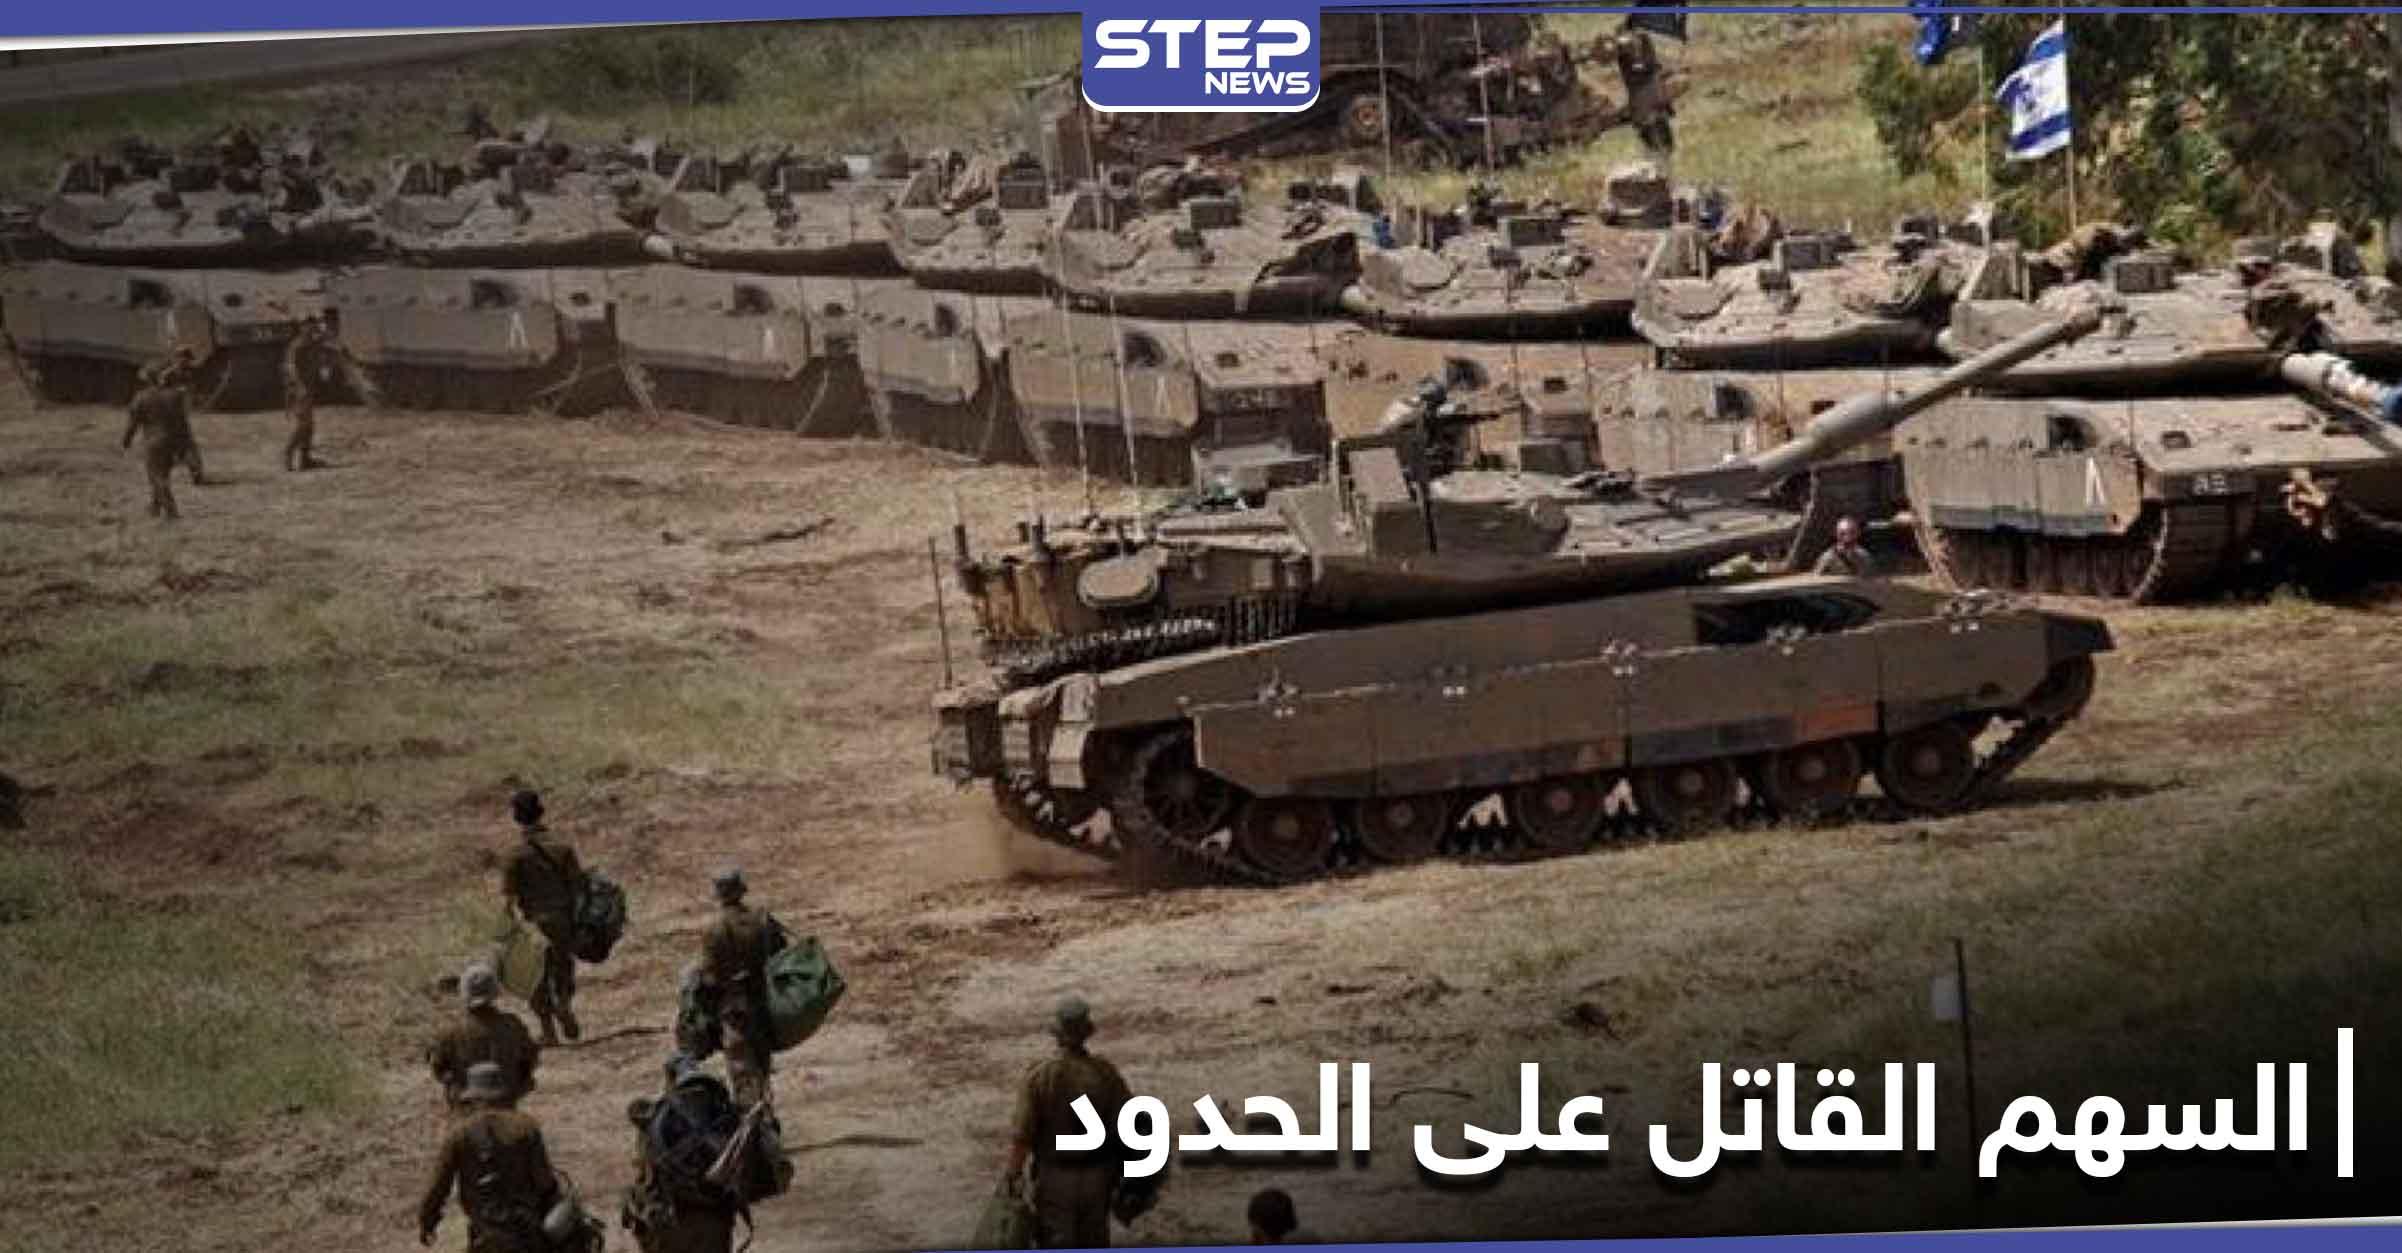 ناطق باسم الجيش الإسرائيلي يتحدث عن الاستعداد لعملية عسكرية على حدود سوريا ولبنان